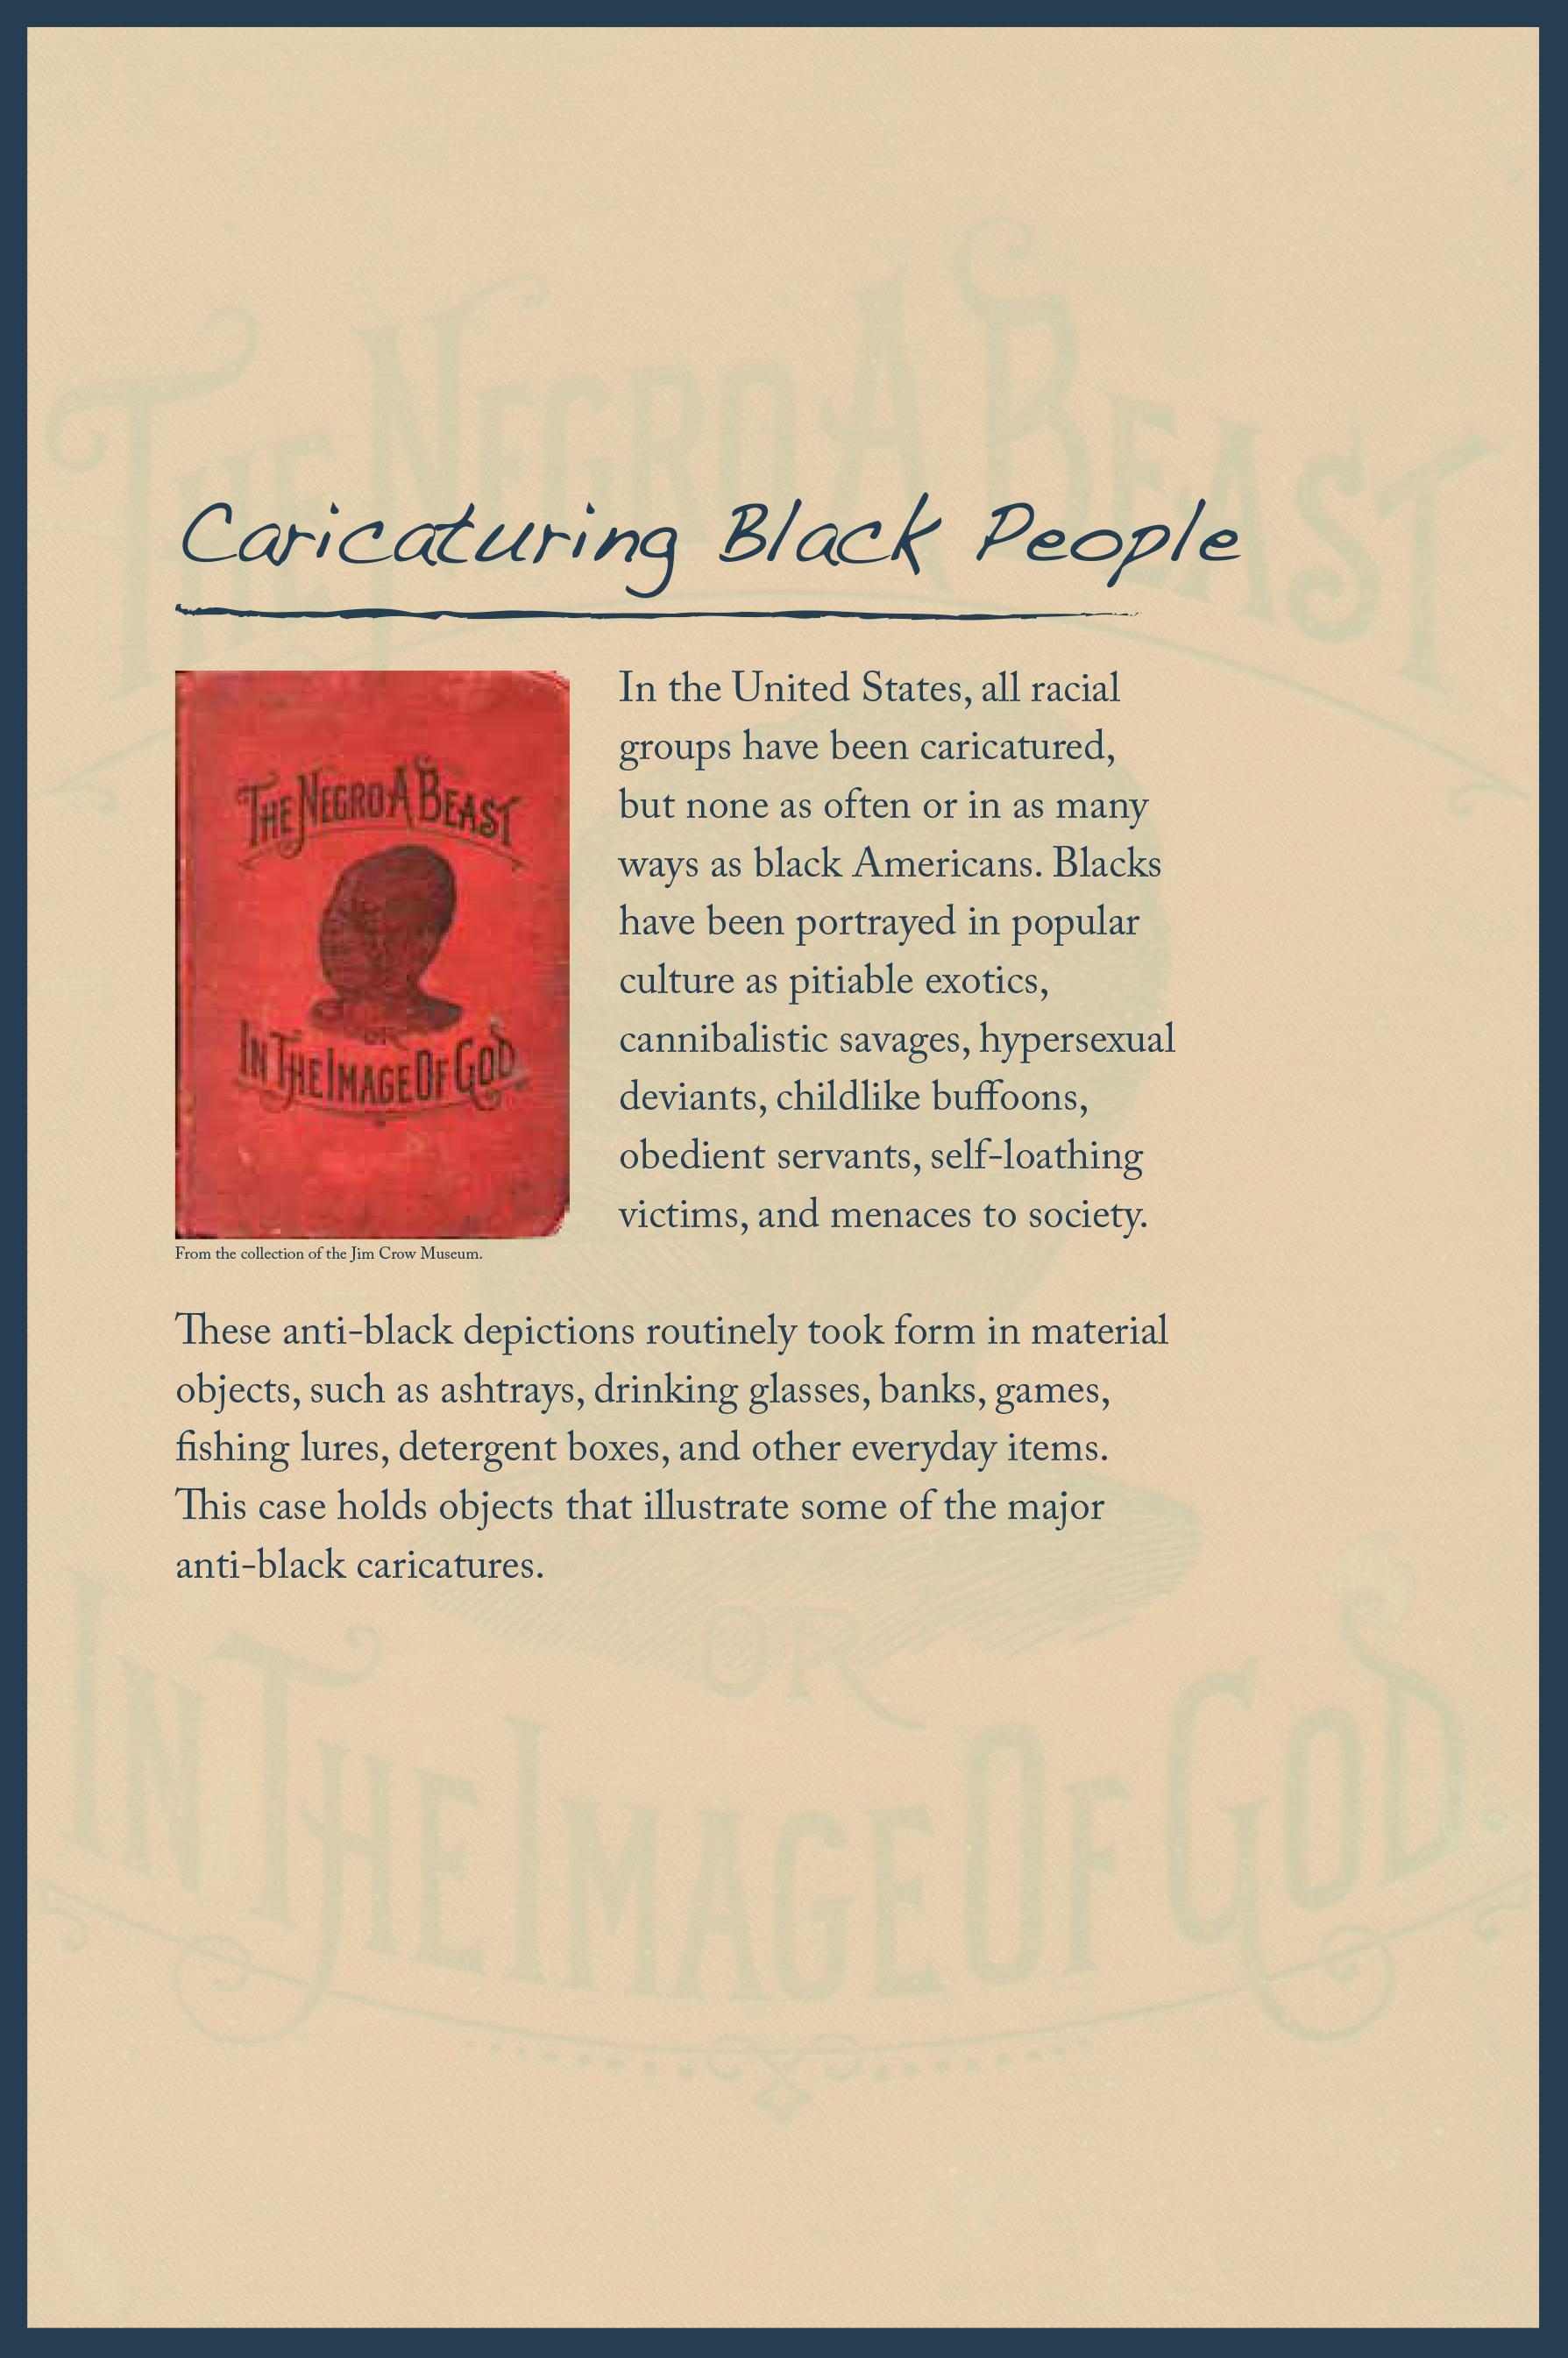 Caricaturing Black People.jpg